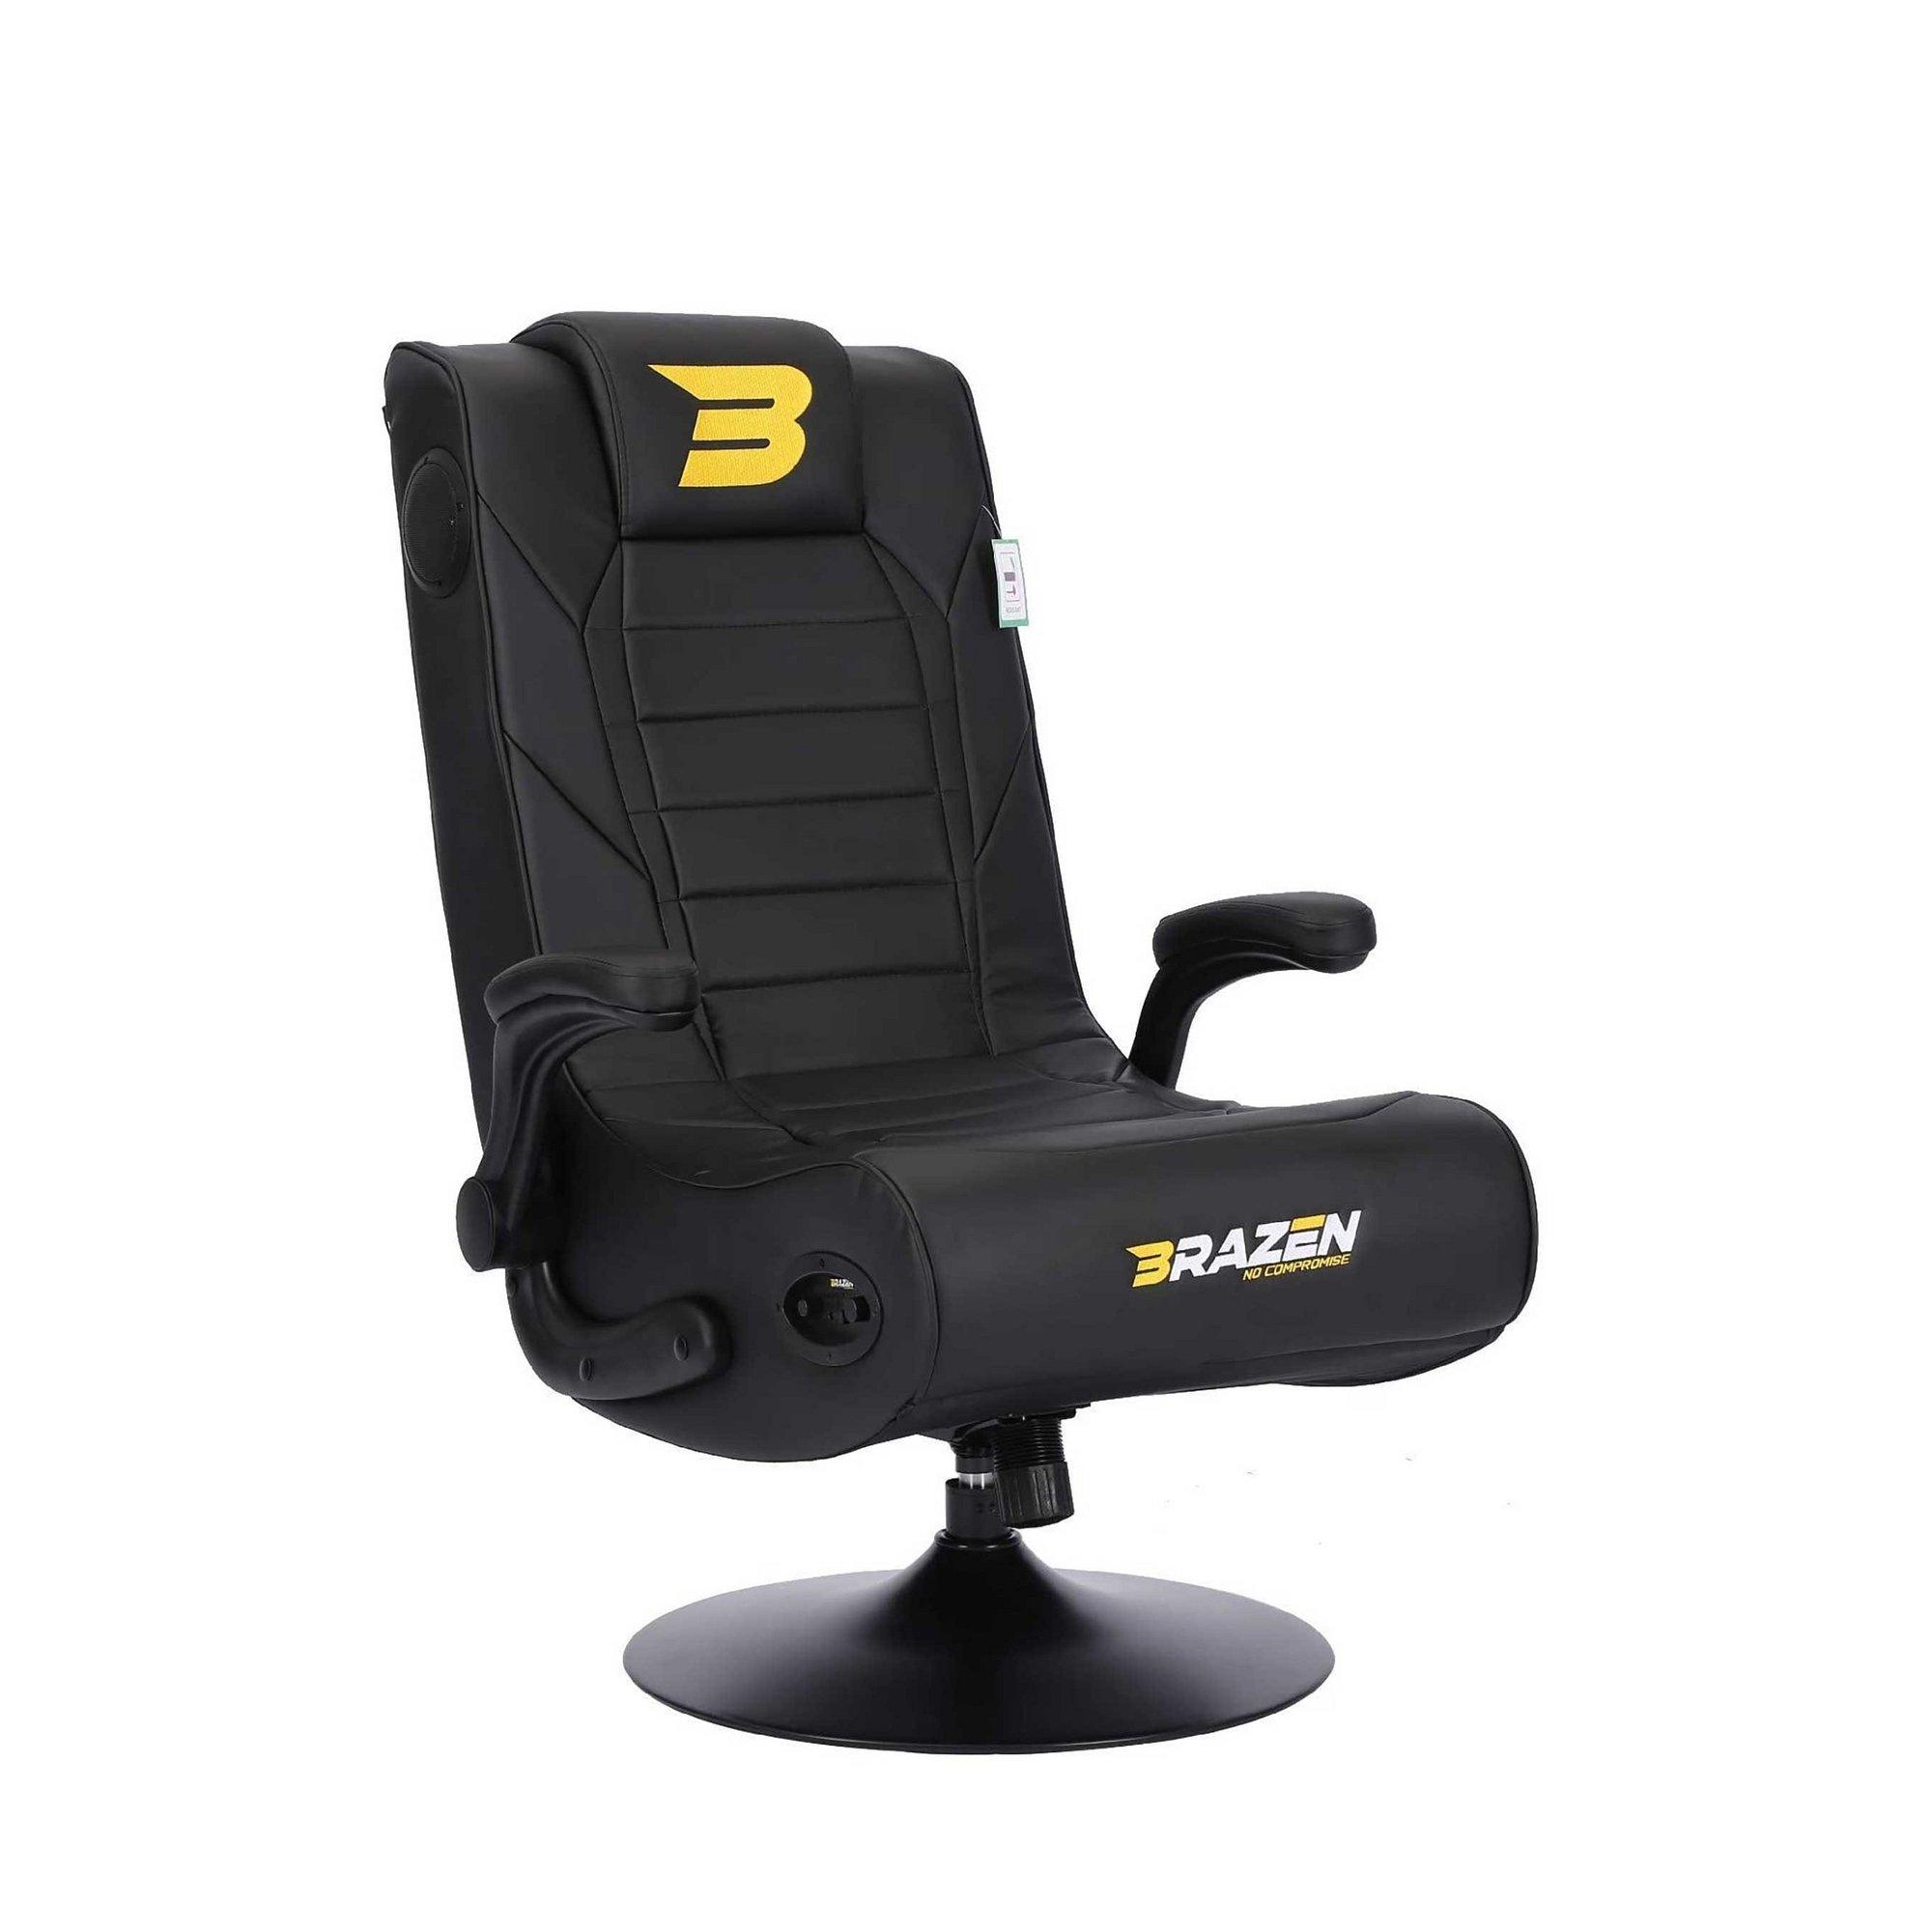 Image of BraZen Serpent 2.1 Bluetooth Surround Sound Gaming Chair